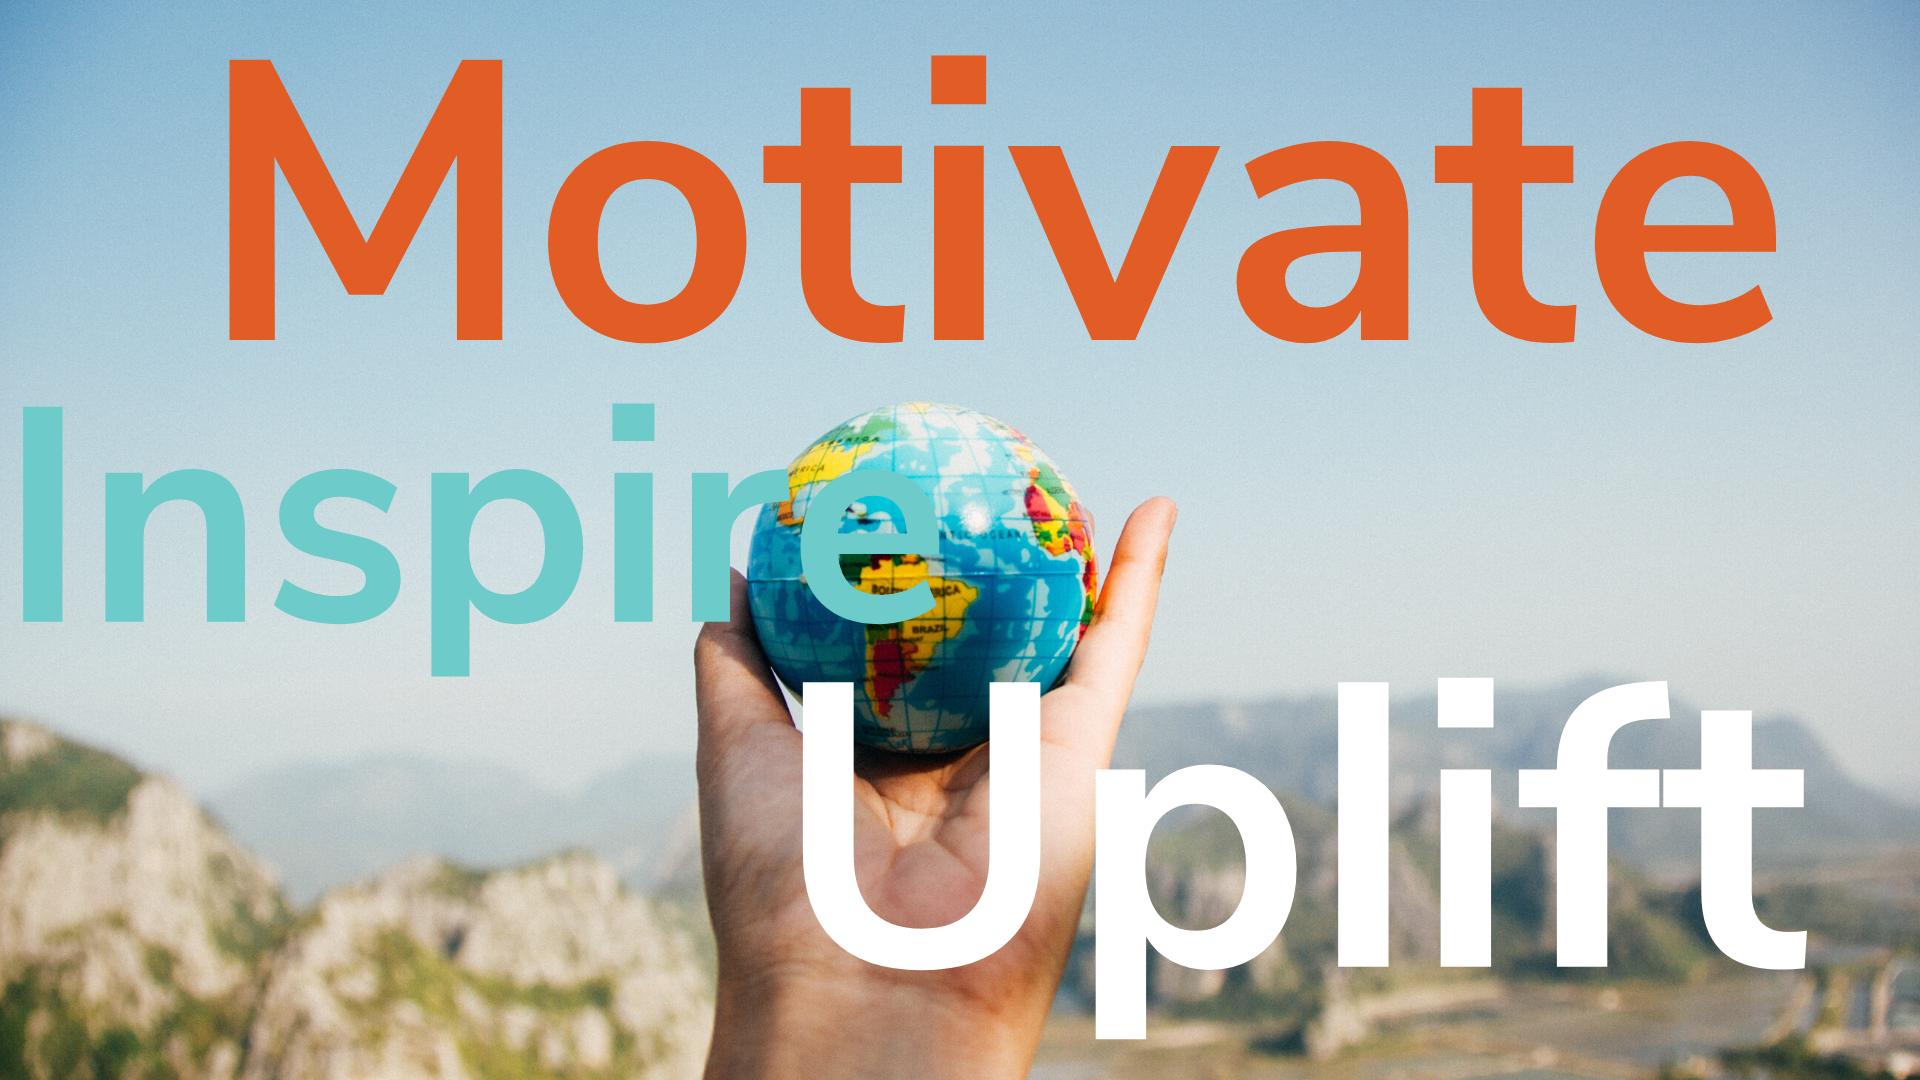 Motivate Inspire Uplift